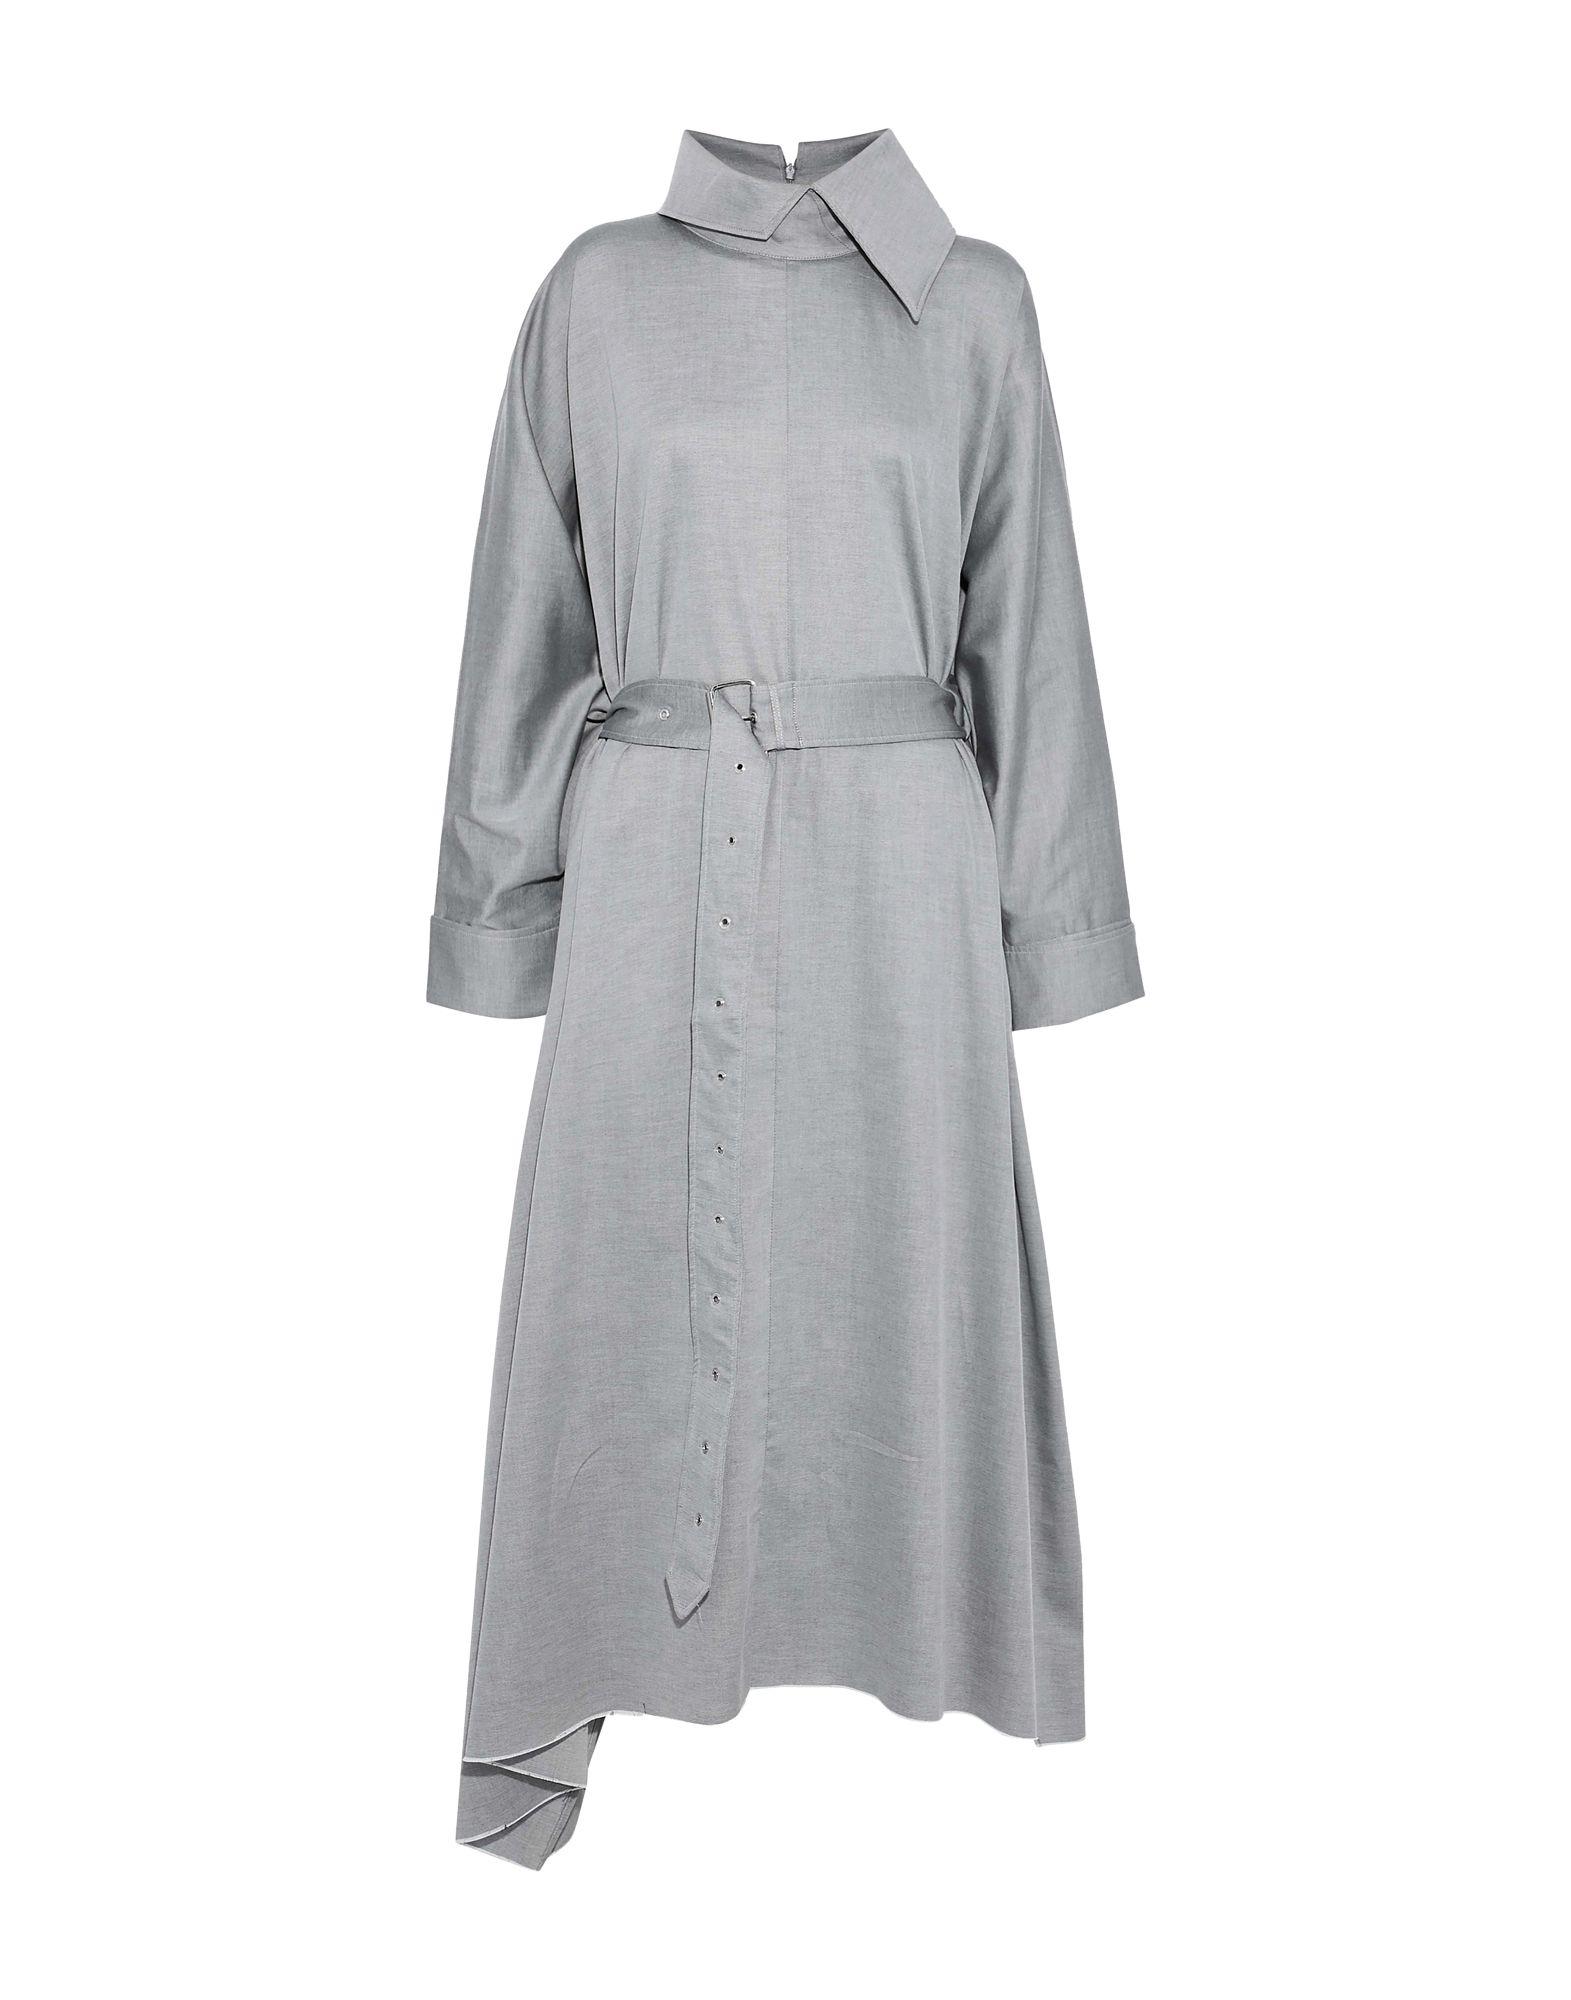 MARQUES' ALMEIDA Платье длиной 3/4 marques almeida юбка длиной 3 4